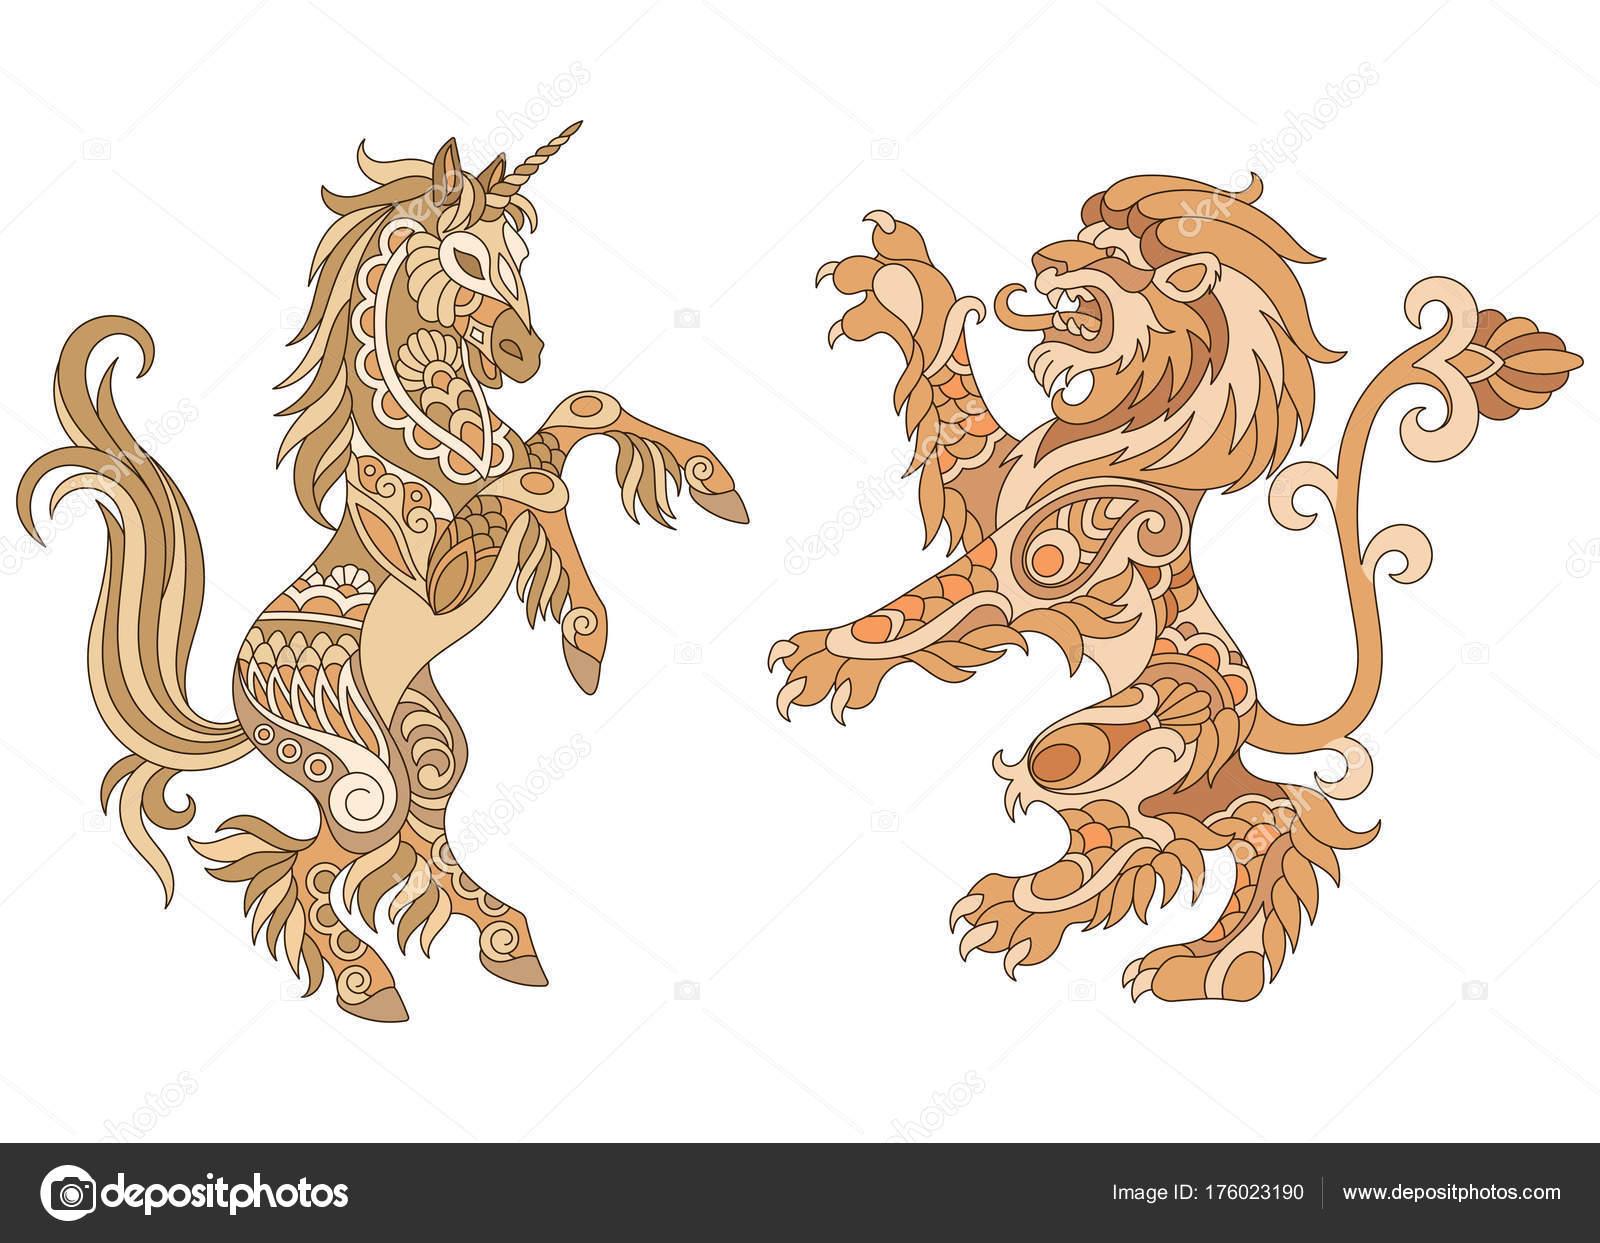 ユニコーンとライオンの紋章デザ...